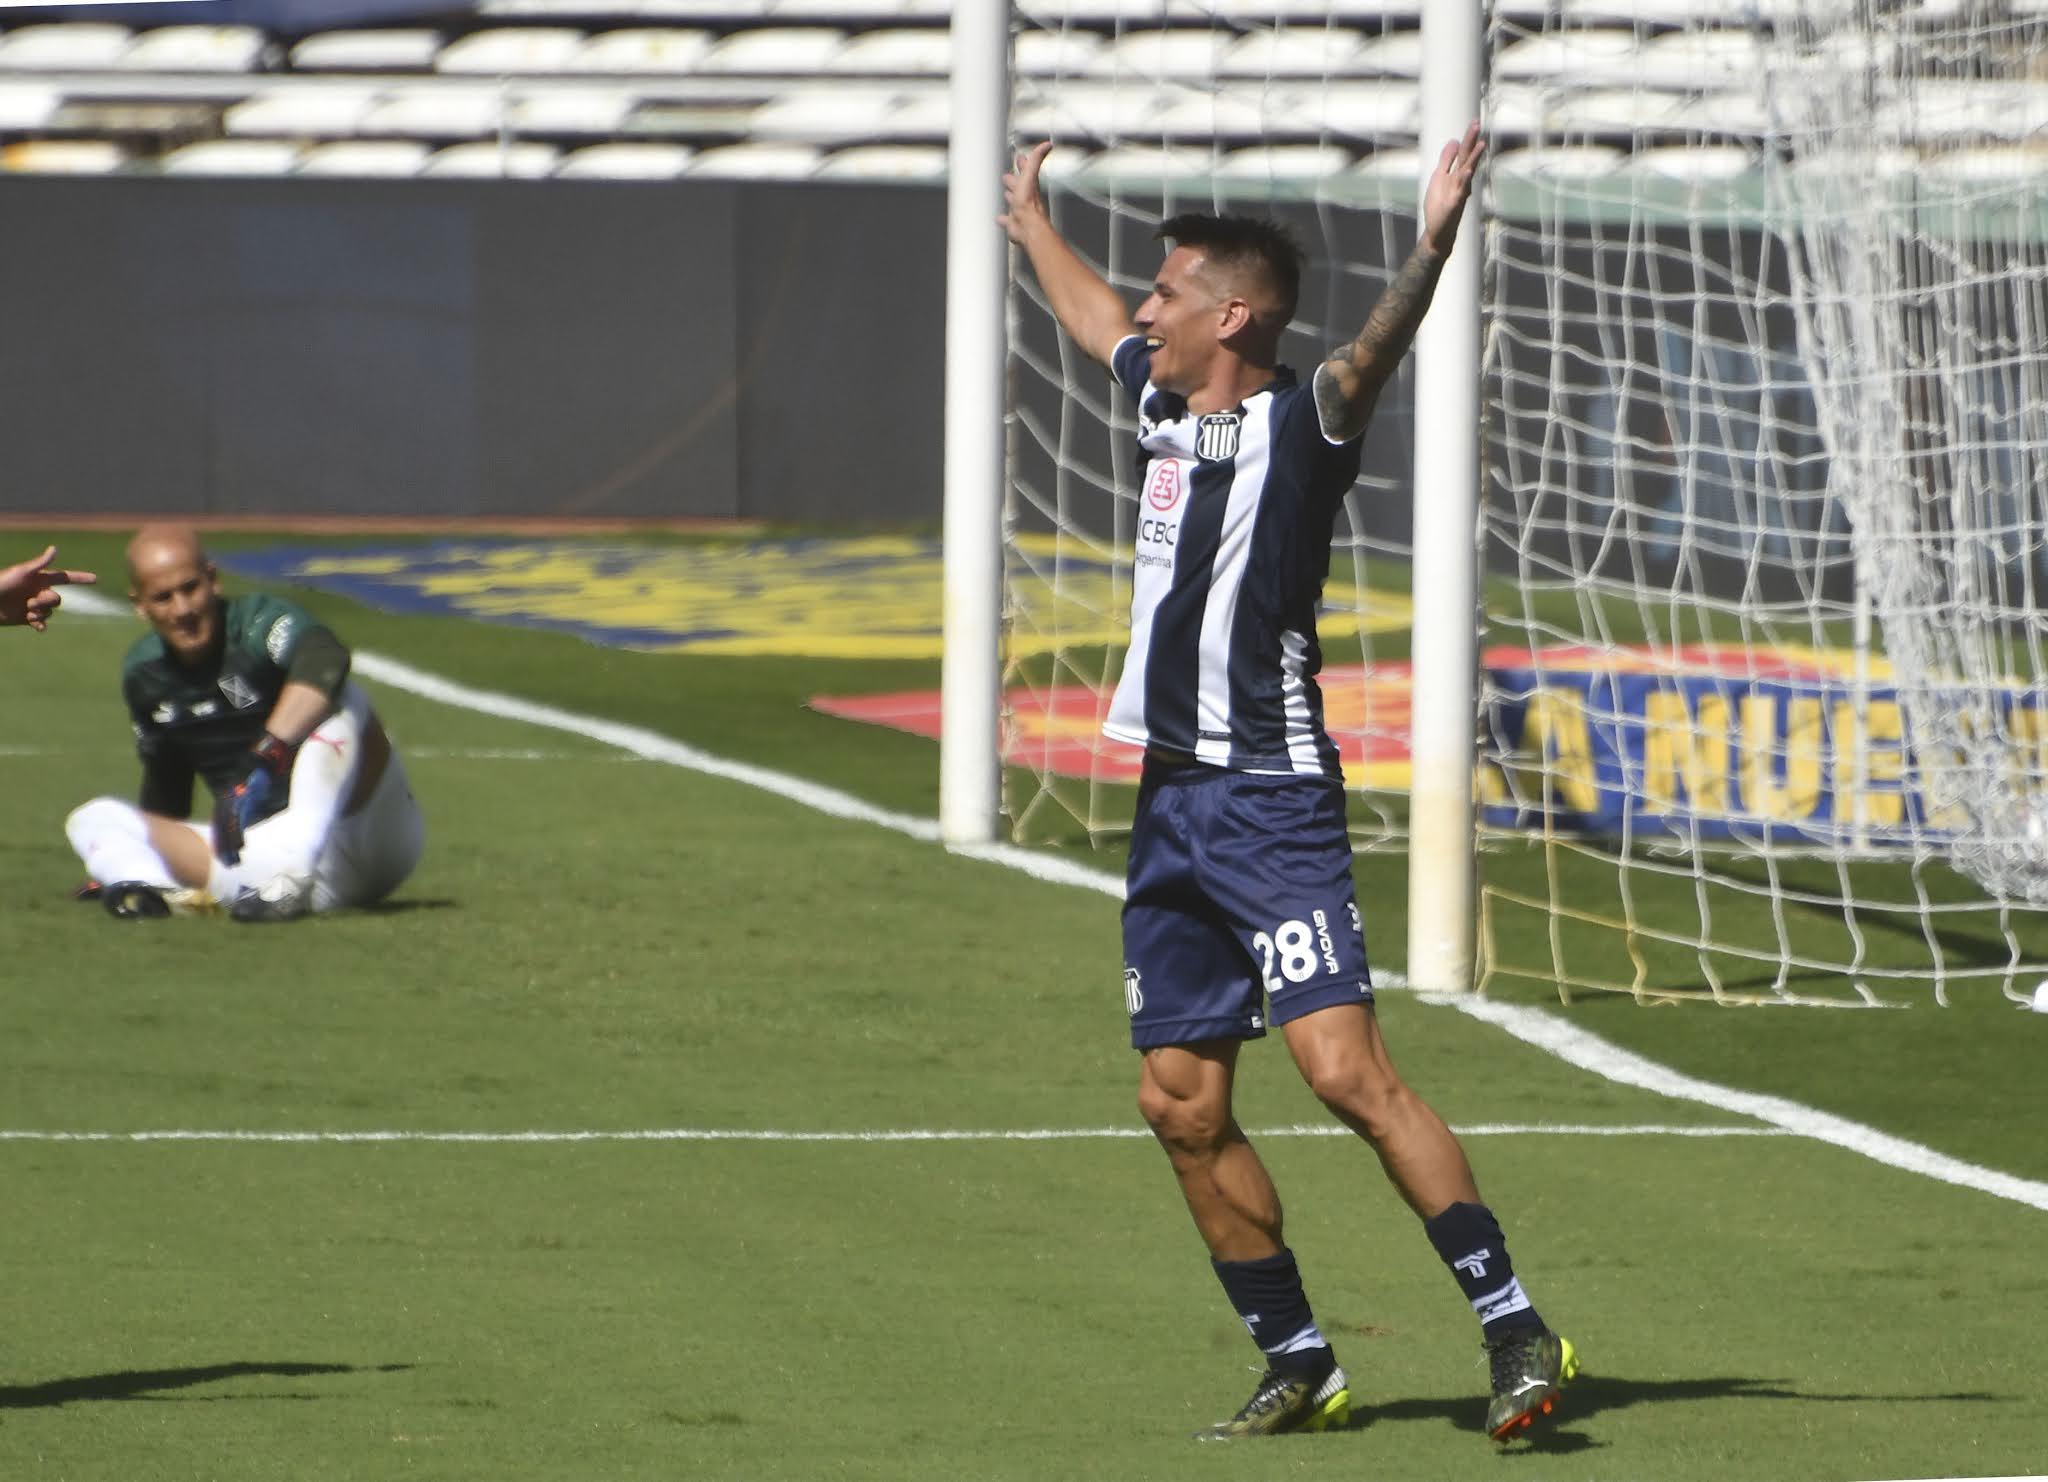 Independiente tuvo dos minutos fatales que lo condenaron a la derrota ante Talleres